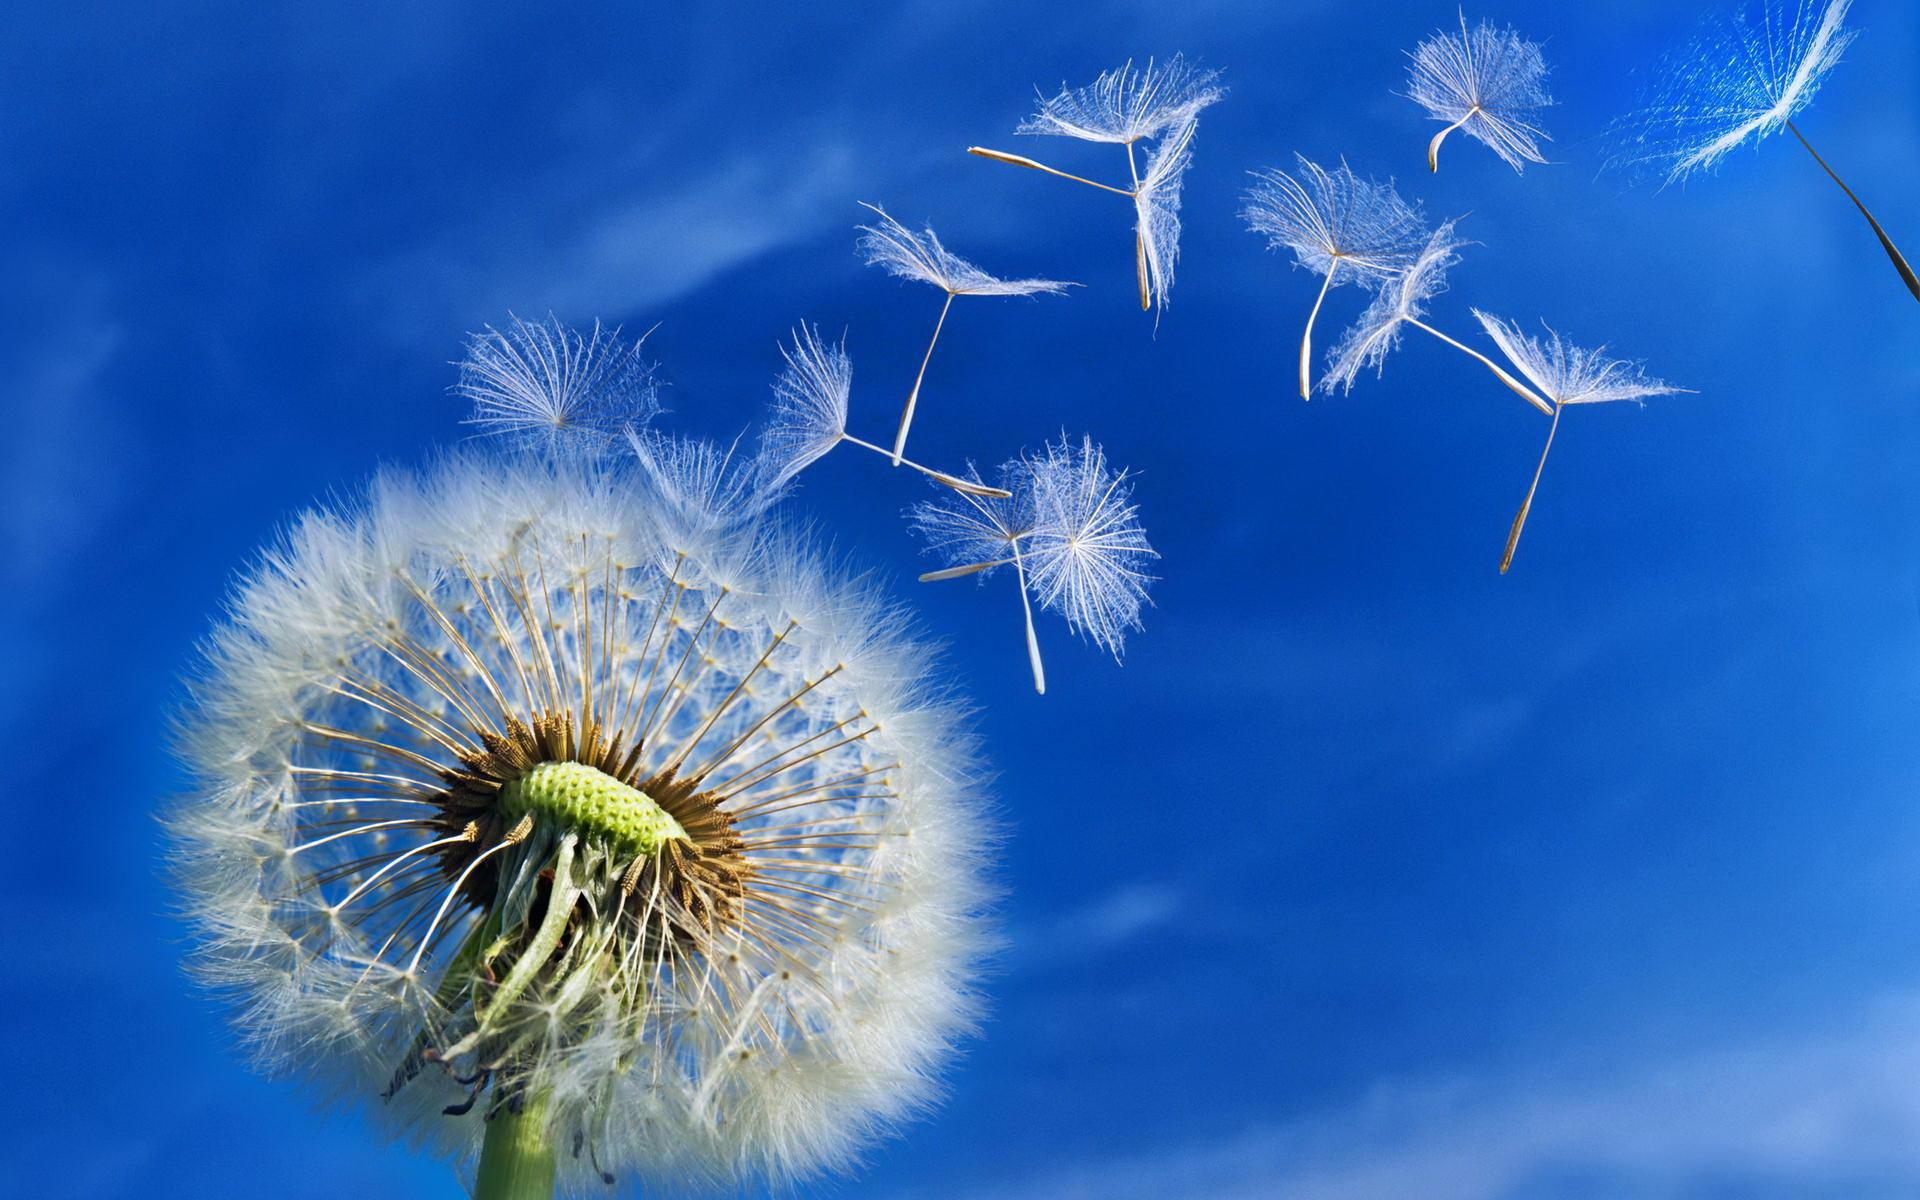 Картинка разлетающийся одуванчик на фоне голубого неба ...